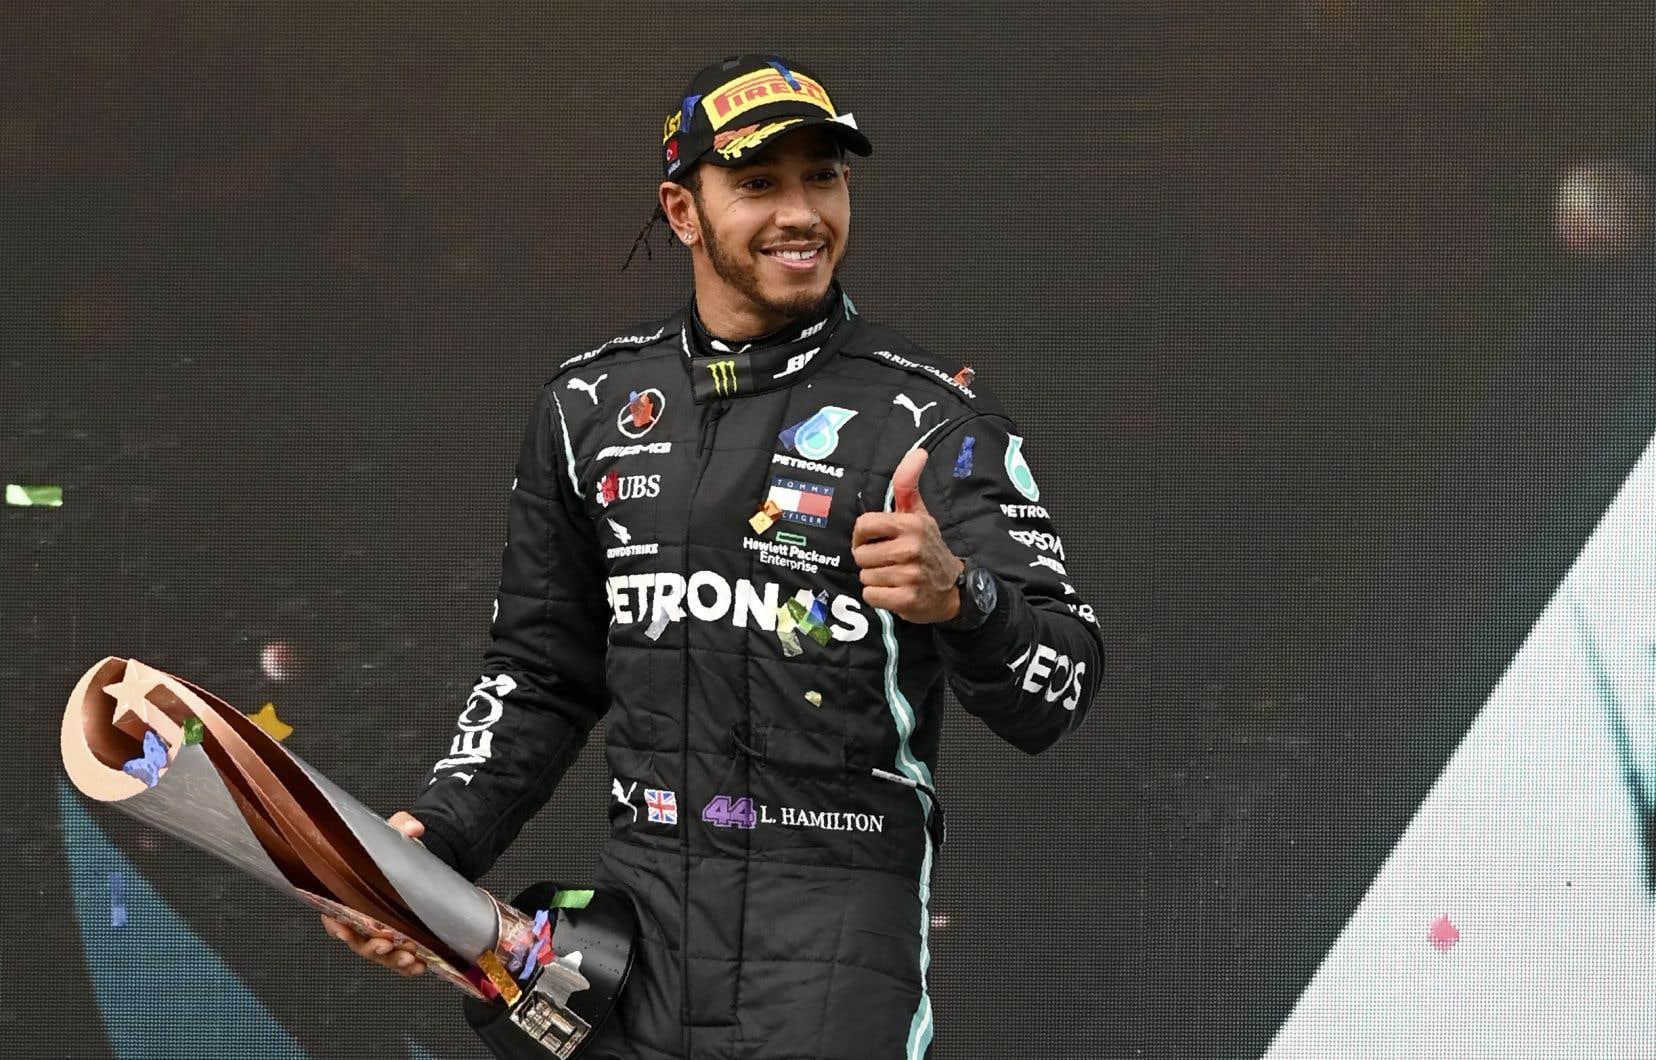 «Je sais que je dis souvent que ça dépasse mes rêves les plus fous, mais secrètement j'ai toujours rêvé d'accomplir cet exploit, a confié Lewis Hamilton après la course. [...]. En gagner un, deux ou trois, c'est tellement difficile. Sept, c'est incroyable.»